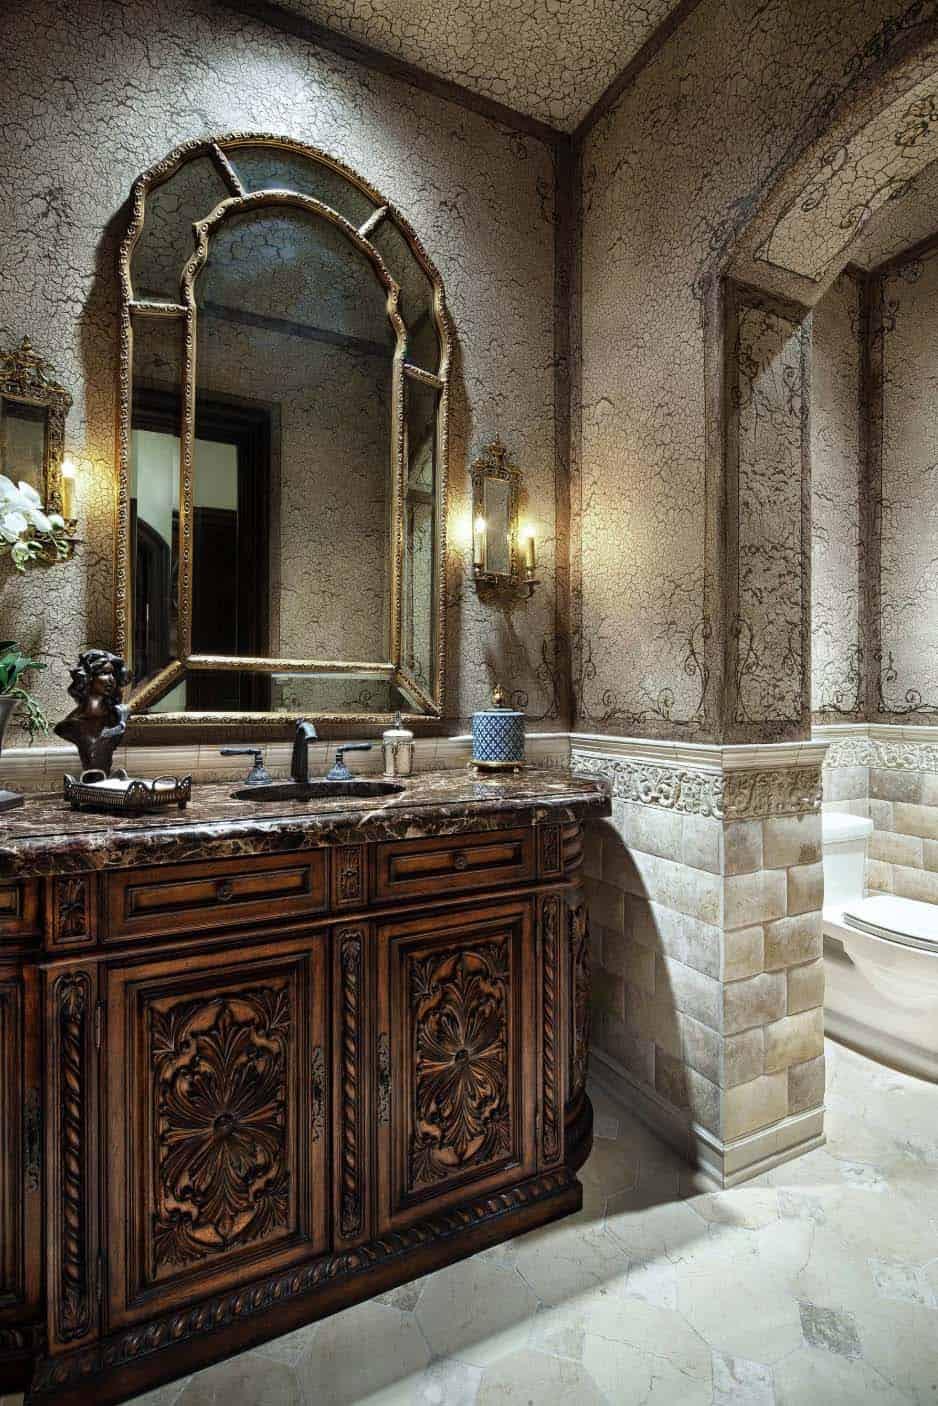 salle-de-bain-en-poudre-traditionnelle-manoir-anglais